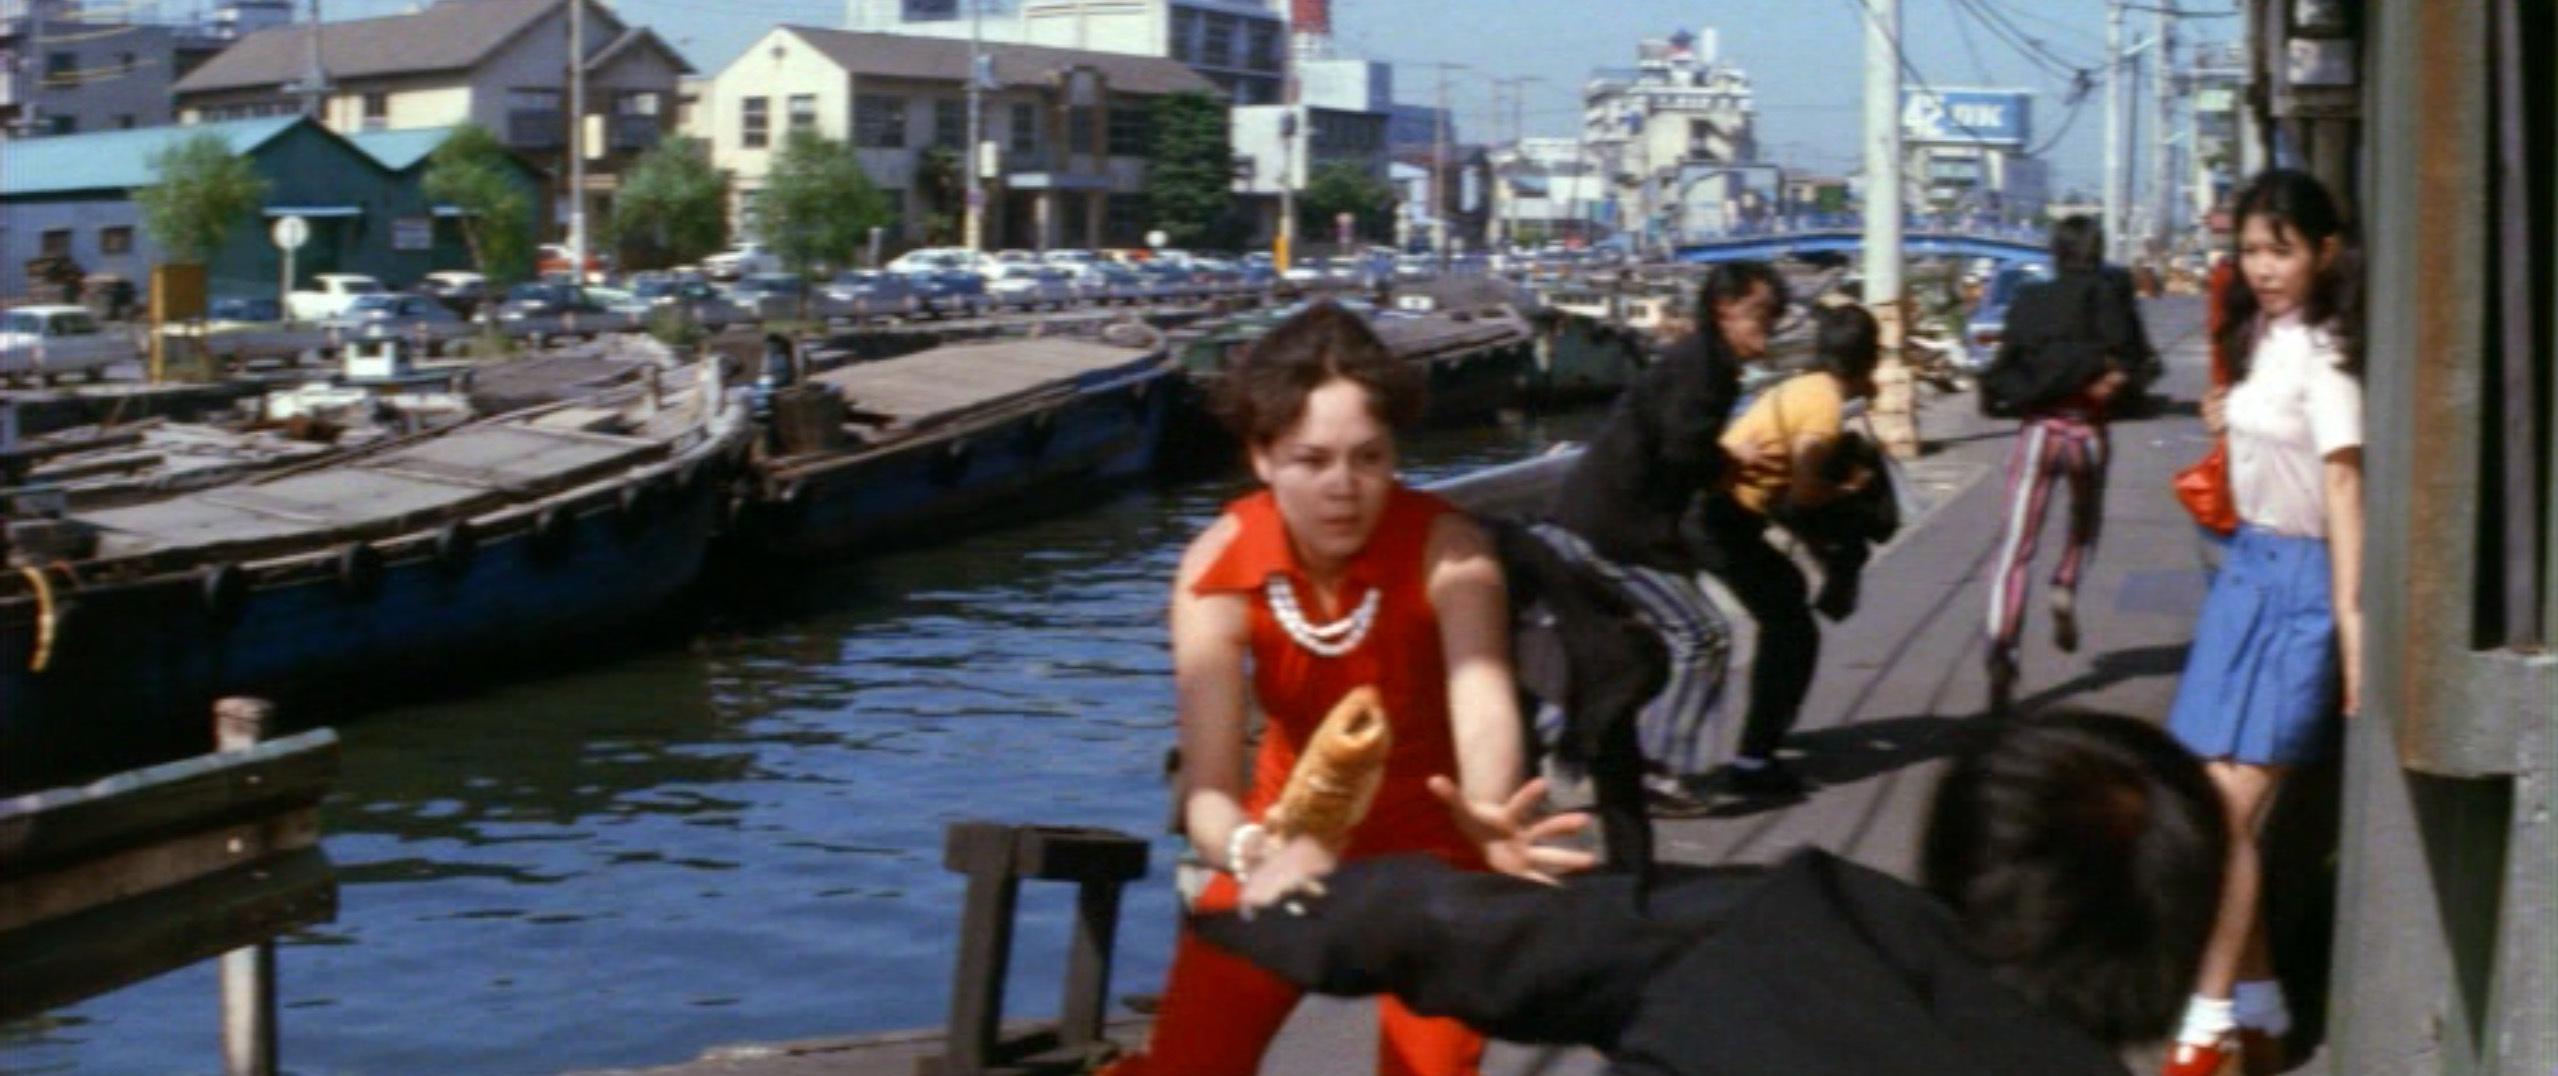 市毛良枝(Yoshie Ichige)「混血児リカ ハマぐれ子守唄」(1973)・・・《前半》_e0042361_20453702.jpg